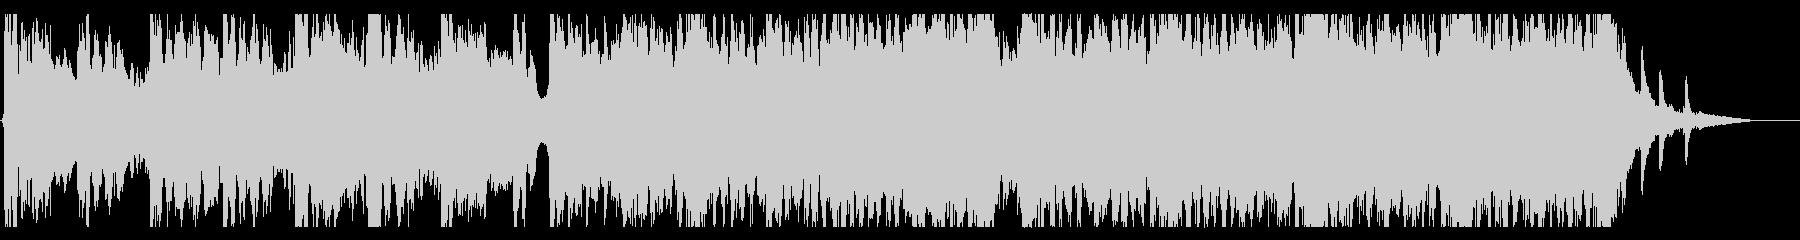 重低音の効いたエピック・トレーラーBGMの未再生の波形